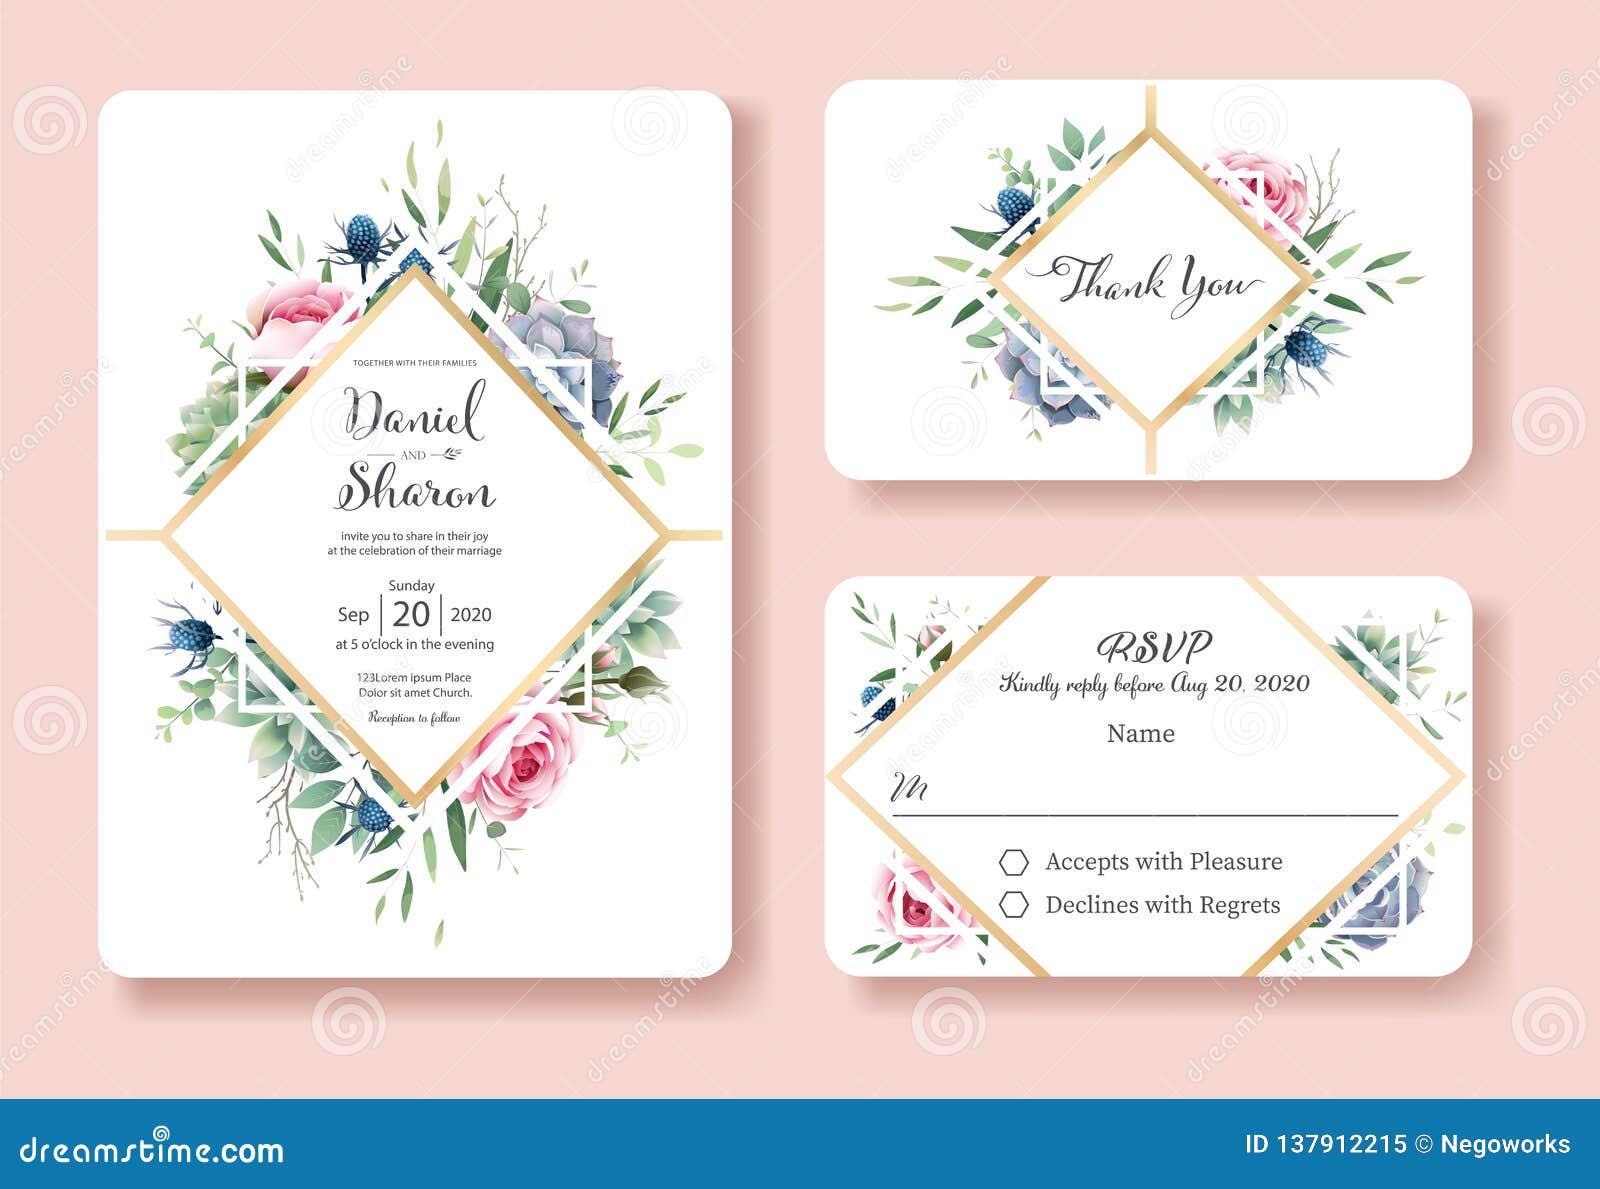 Invitación de la boda, gracias, plantilla del diseño de tarjeta del rsvp La reina de Suecia subió flor, hojas, plantas suculentas